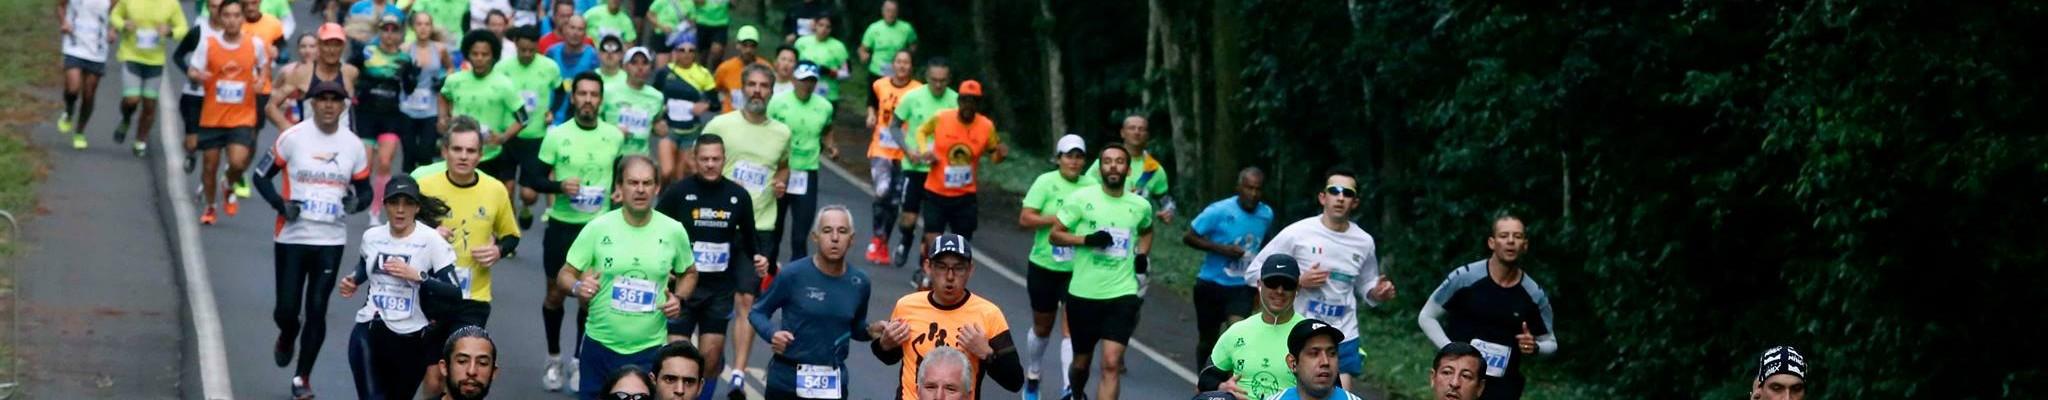 Meia Maratona das Cataratas celebra a natureza com milhares de corredores